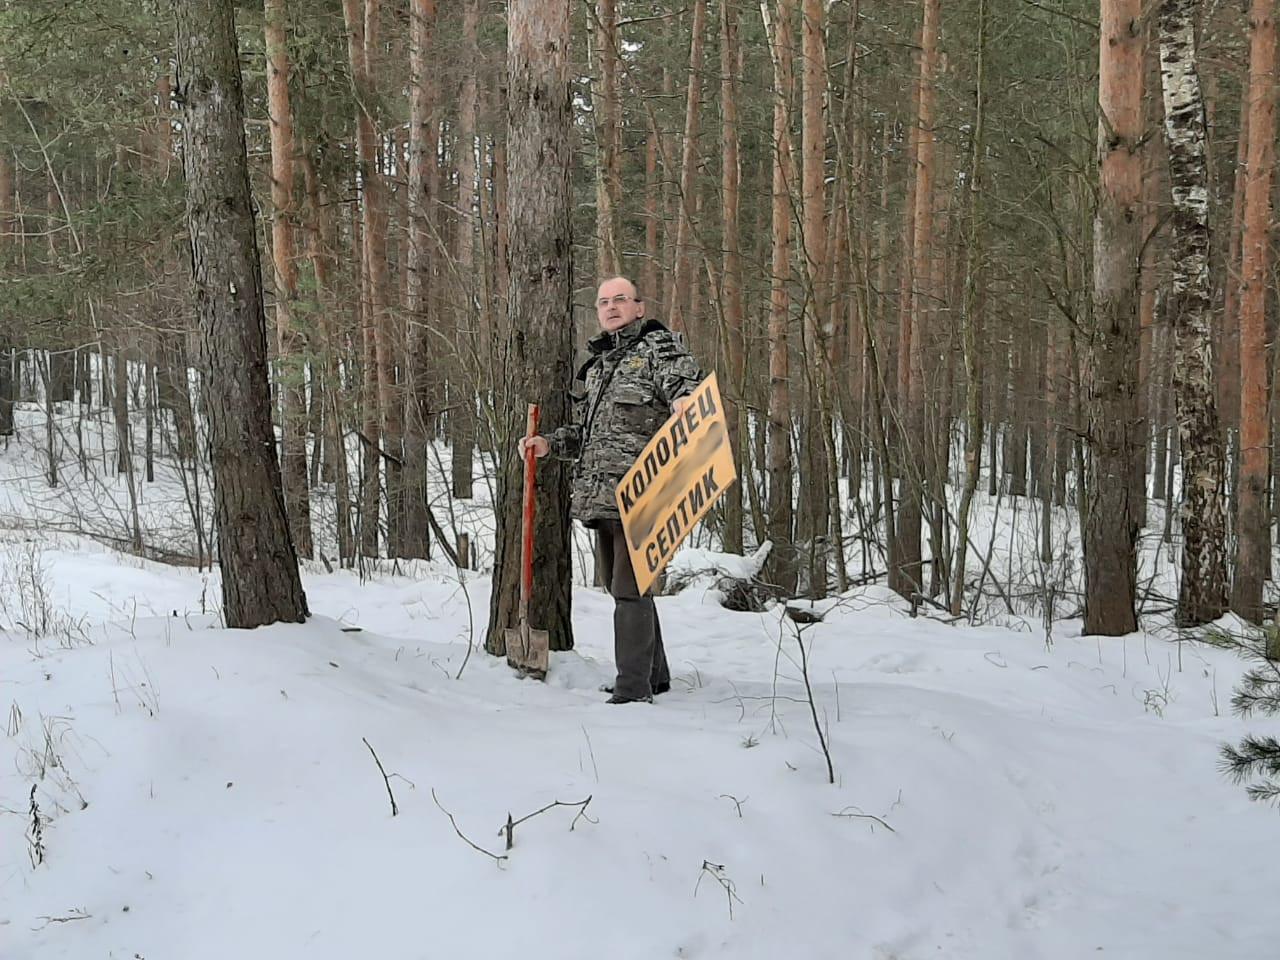 Штраф за размещение рекламных конструкций на деревьях в Ярославской области – до 300 тысяч рублей